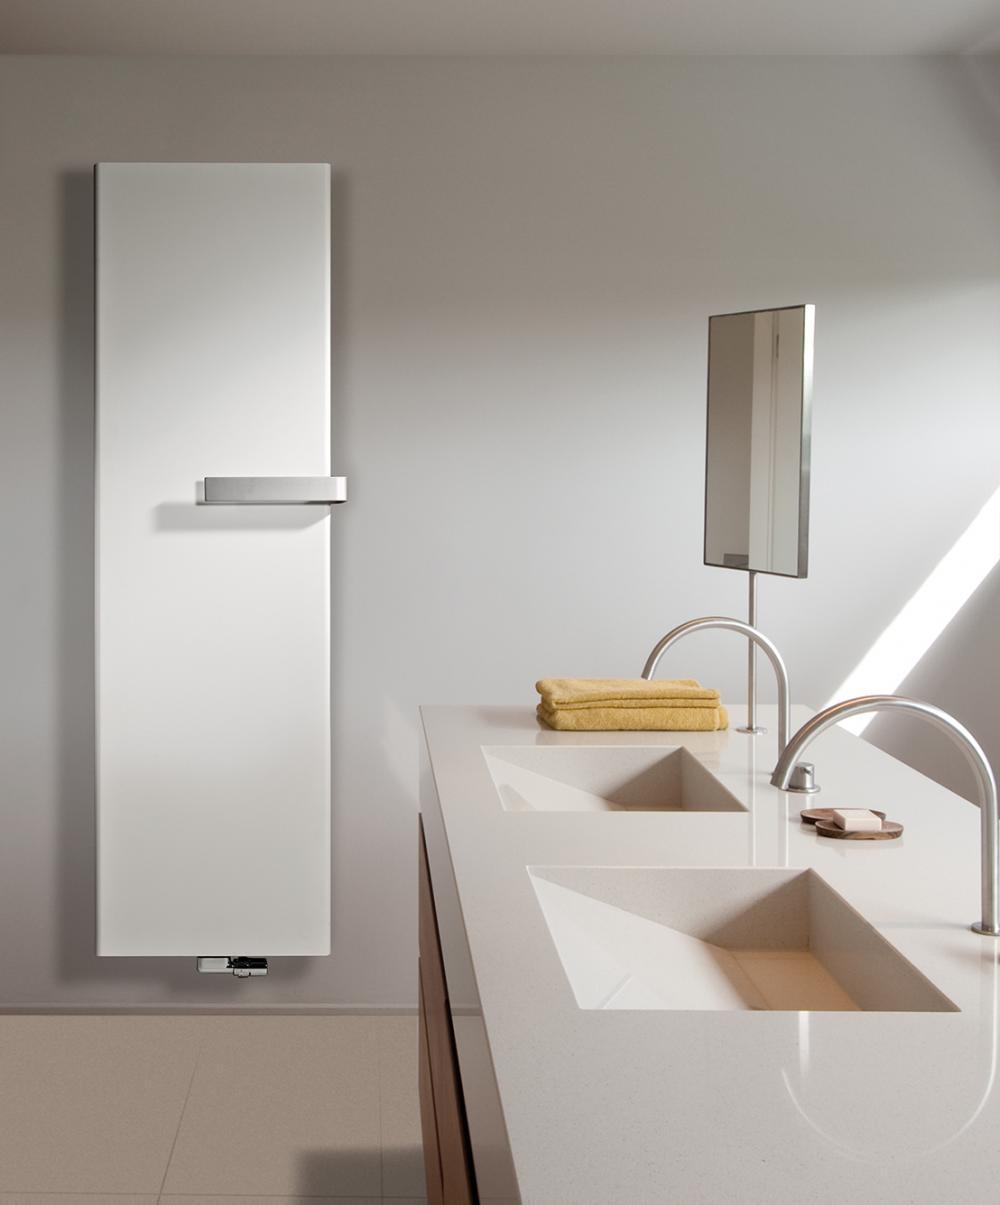 Calorifere decorative otel Vasco Niva Soft NS1L1 1220x640 mm, 985 W